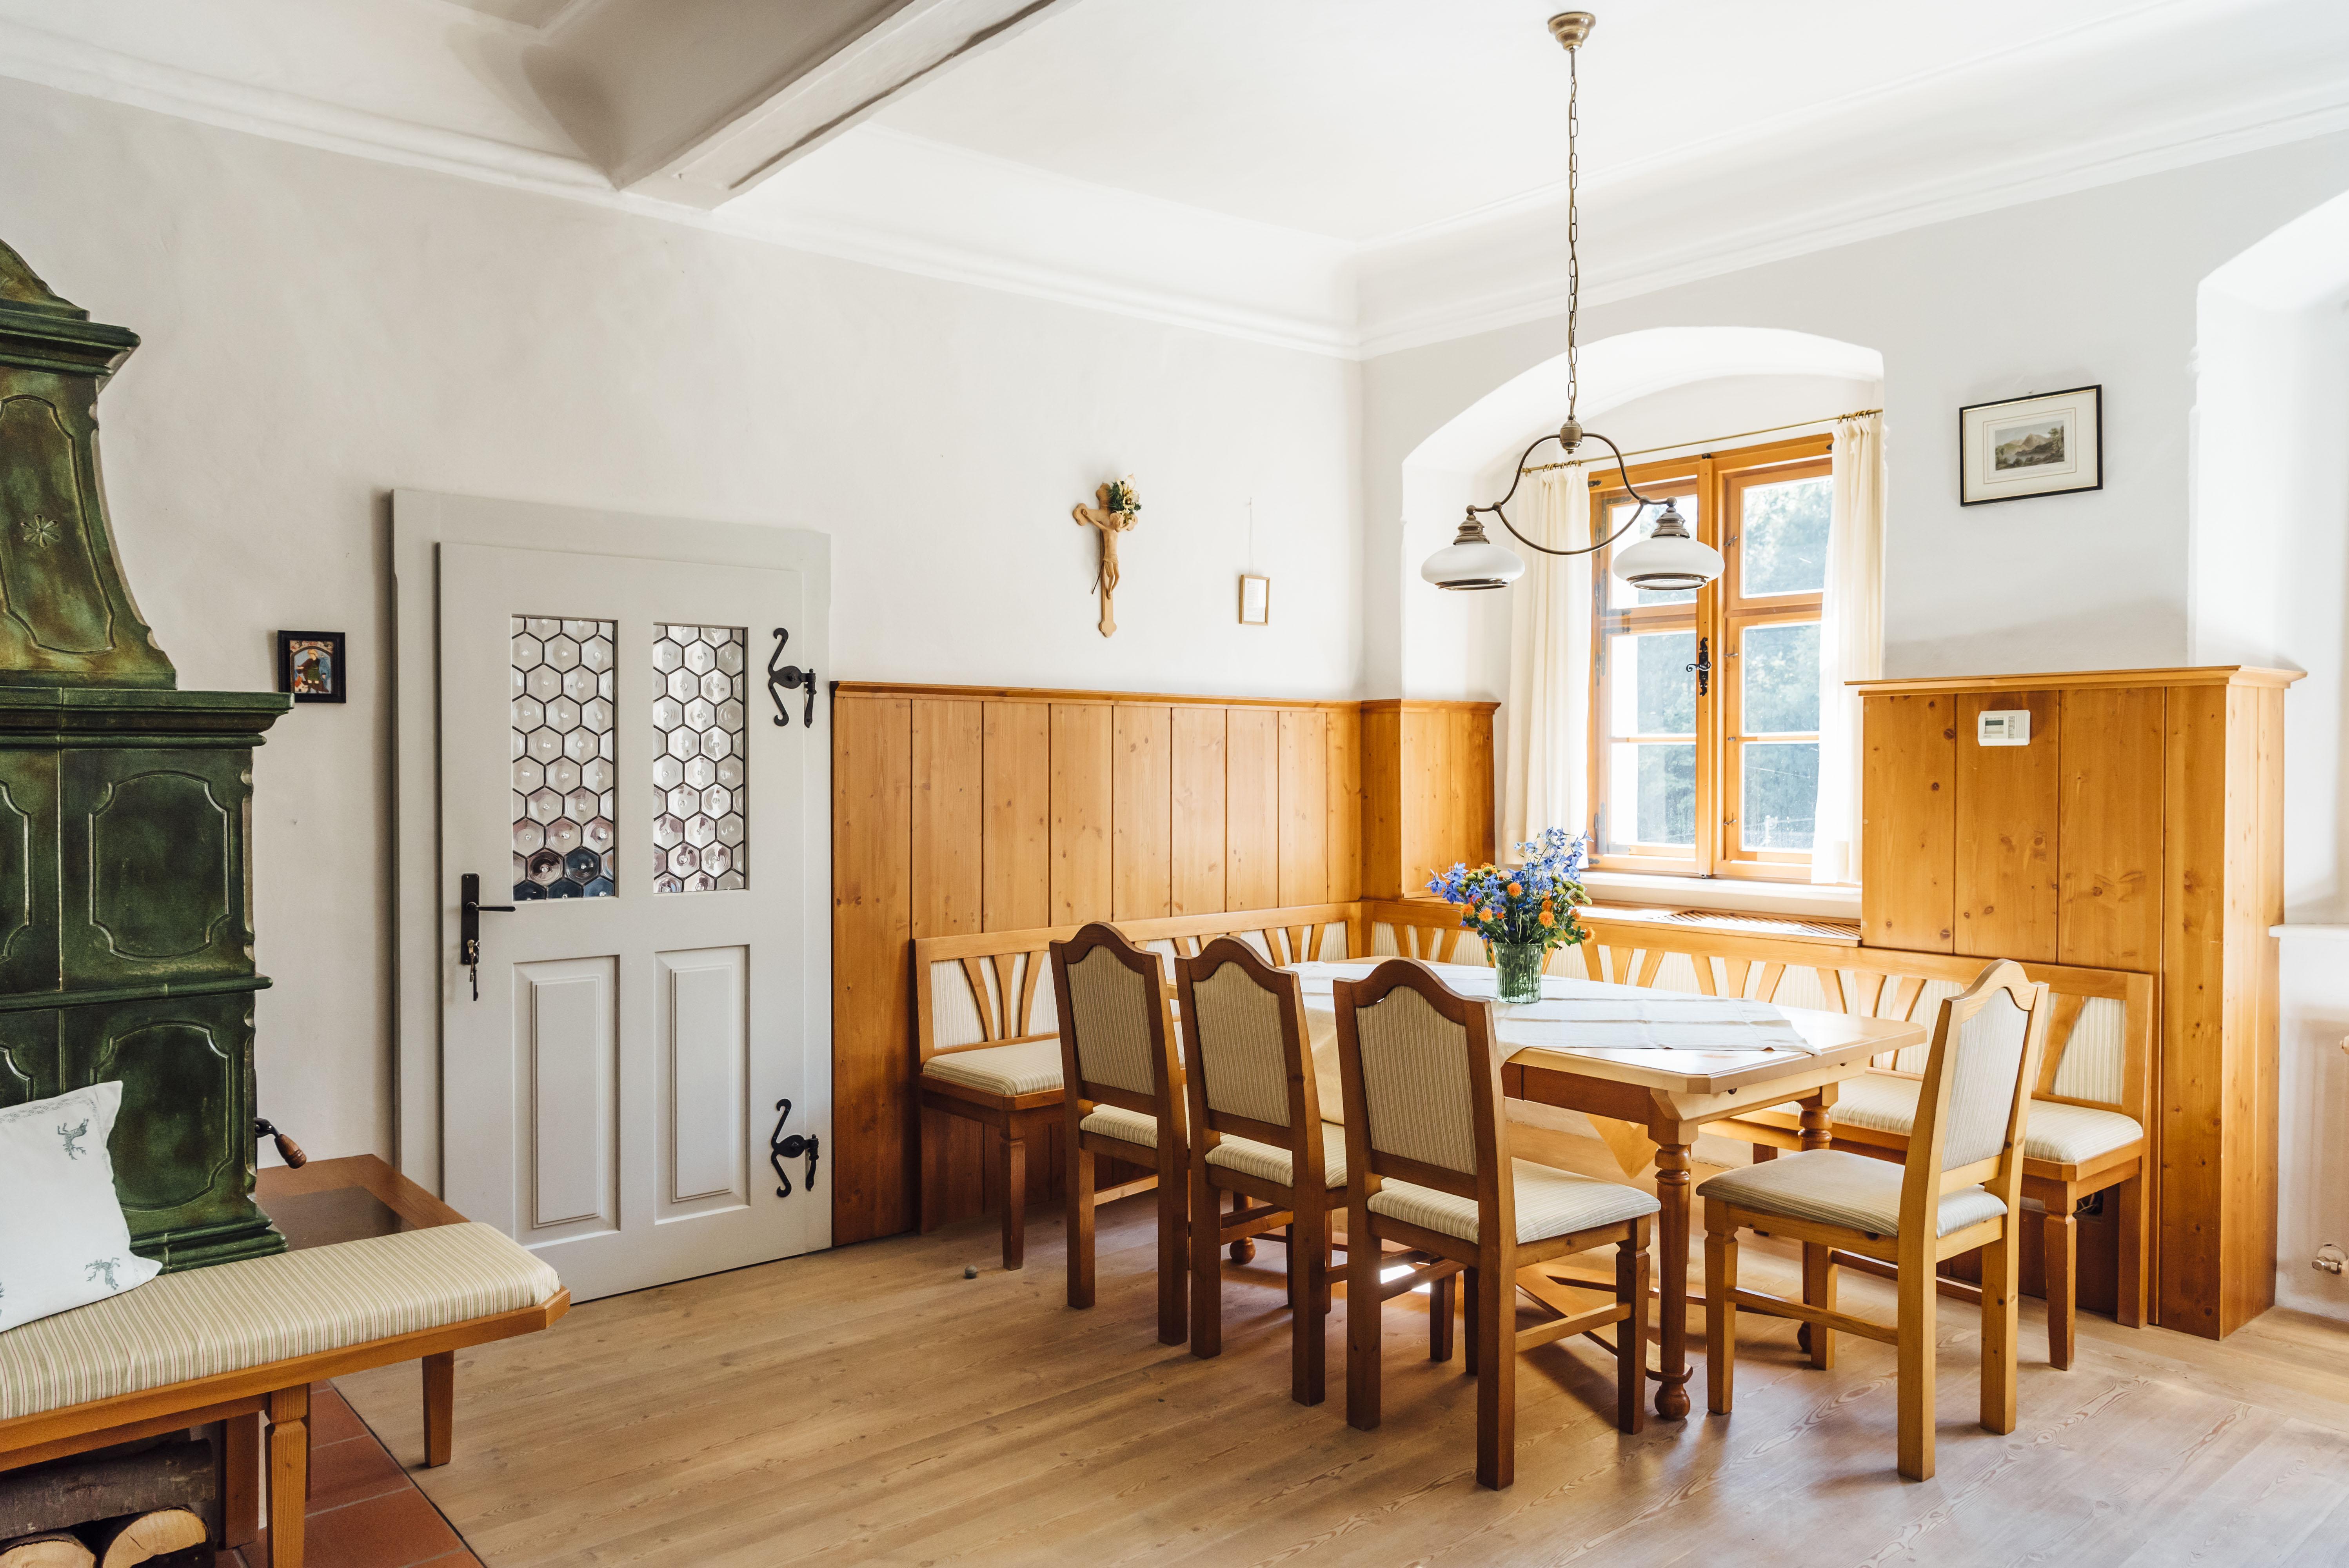 Symposion Hotel Post am See - Veranstaltungshalbinsel Traunkirchen-Die 400 Jahre alten Räume sind zeitgemäß adaptiert und verfügen über zwei Klosterzellen (Doppelzimmer), eine voll ausgestattete Küche, ein Ess-/Wohnzimmer sowie ein Extrazimmer mit großen Besprechungstisch. Ideal für Intensivklausuren und Treffen die einen besonderen Rahmen verlangen.